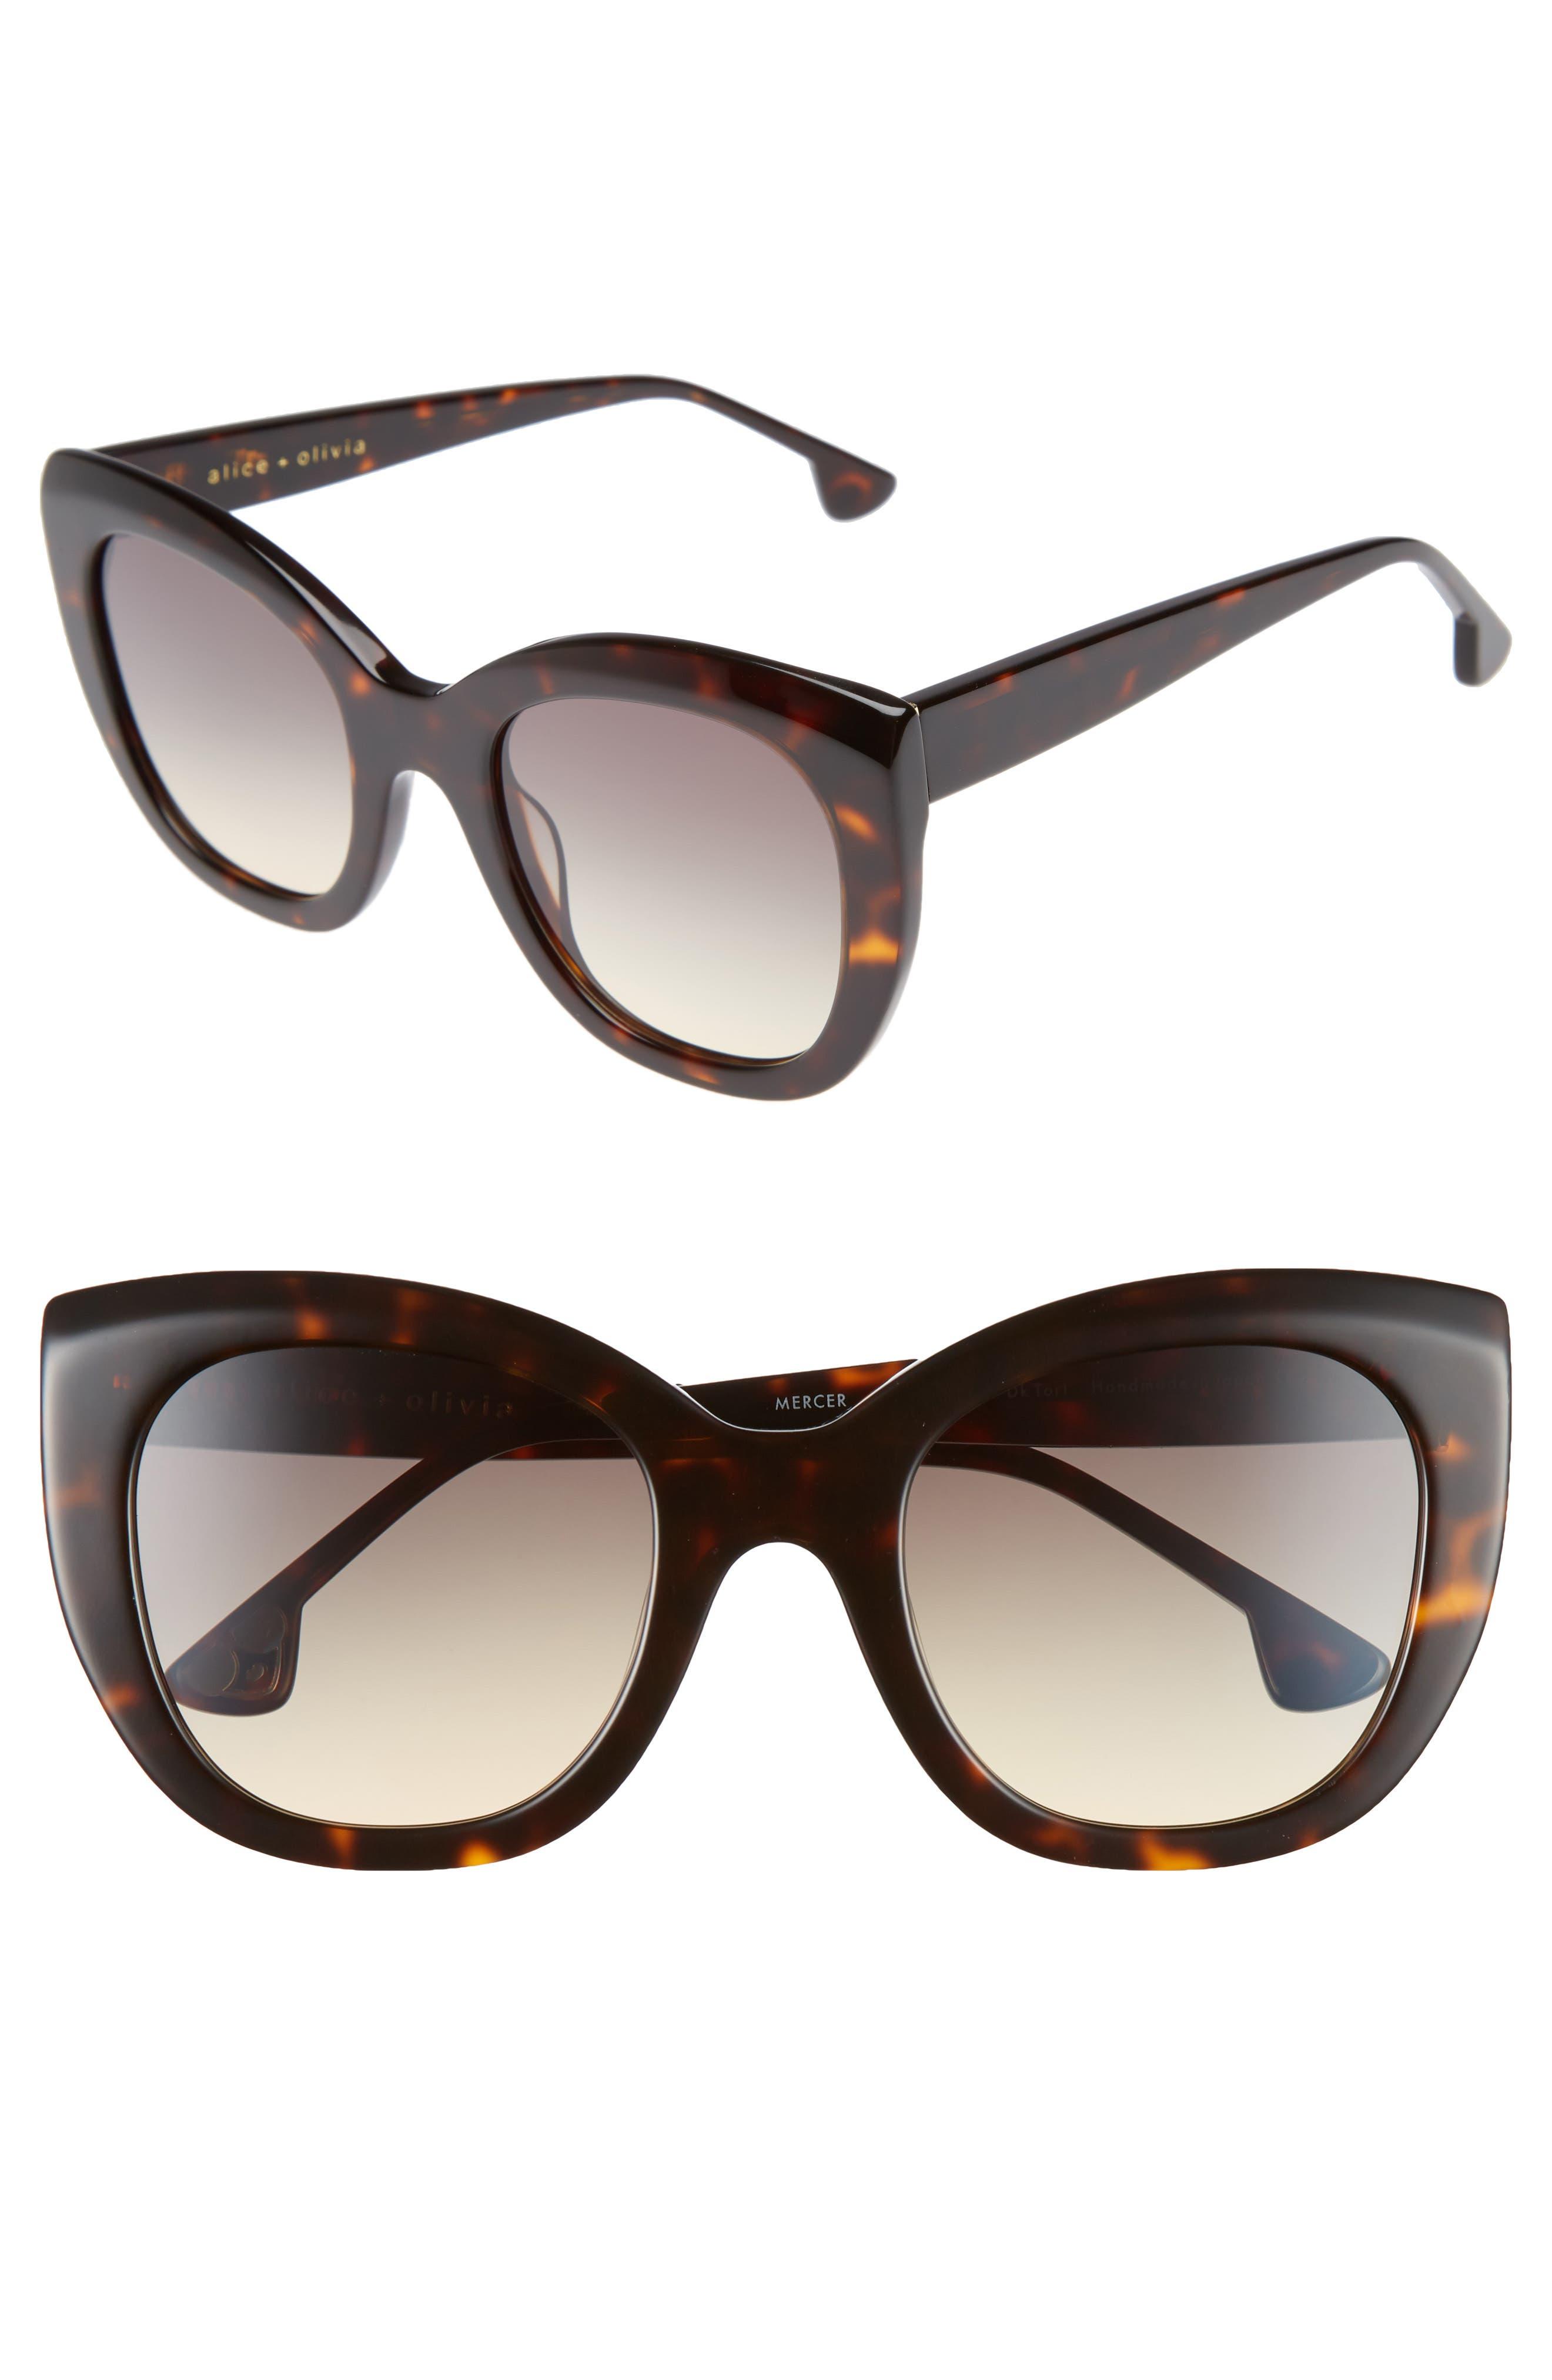 Mercer 52mm Cat Eye Sunglasses,                         Main,                         color, Dark Tortoise